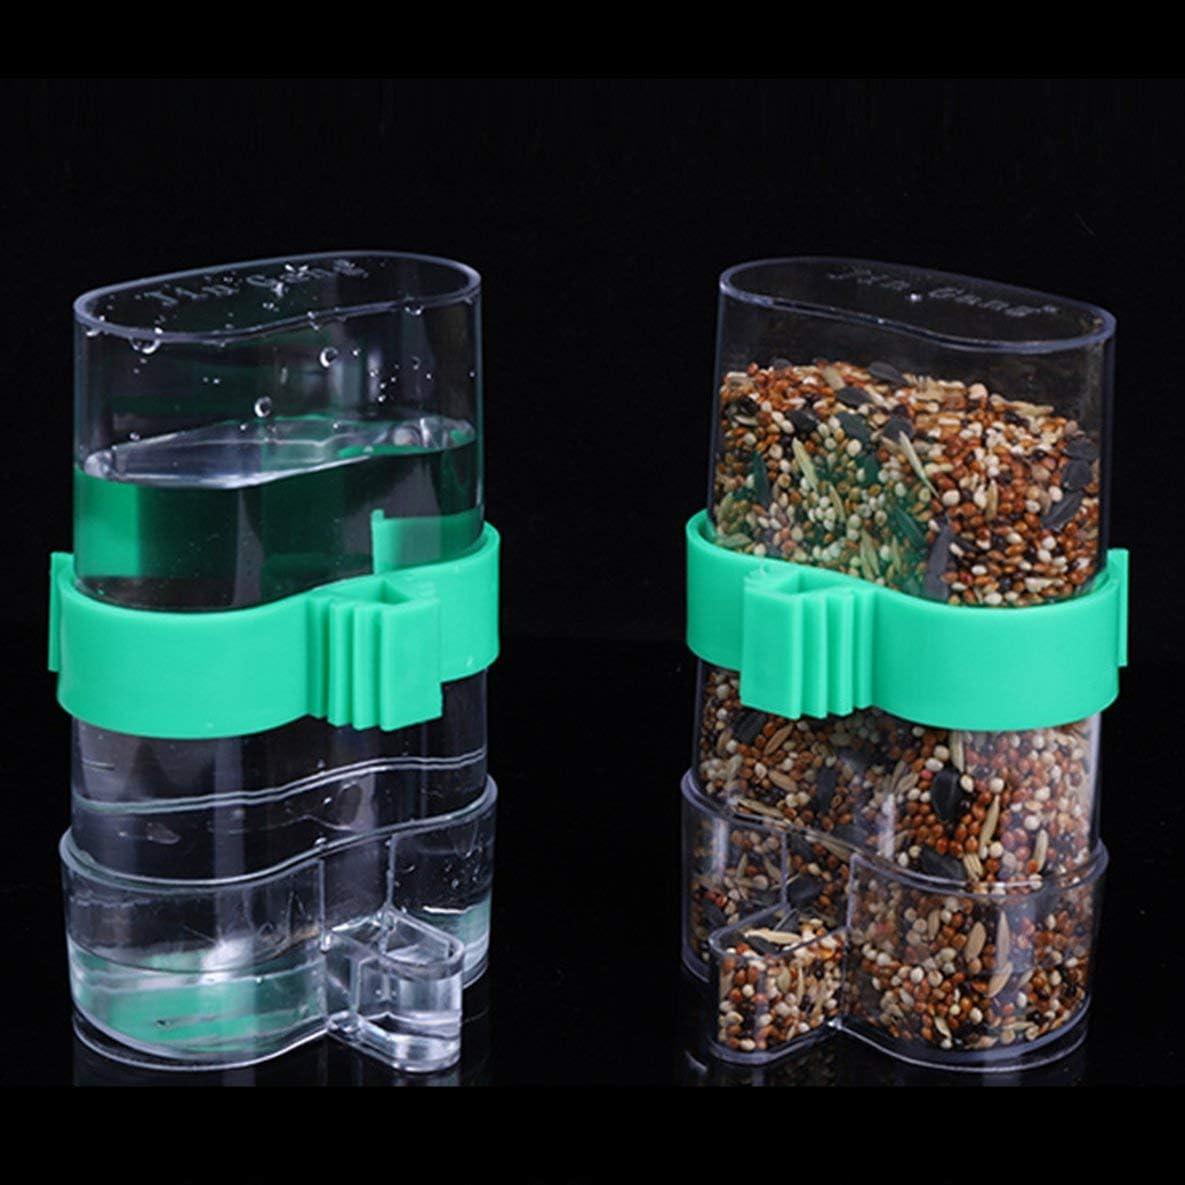 Moliies Trampa de Agua automática para pájaros Suministros para jaulas de pájaros Accesorios para jaulas de pájaros Fuente para Beber Utensilios para Loros/Verde y Claro